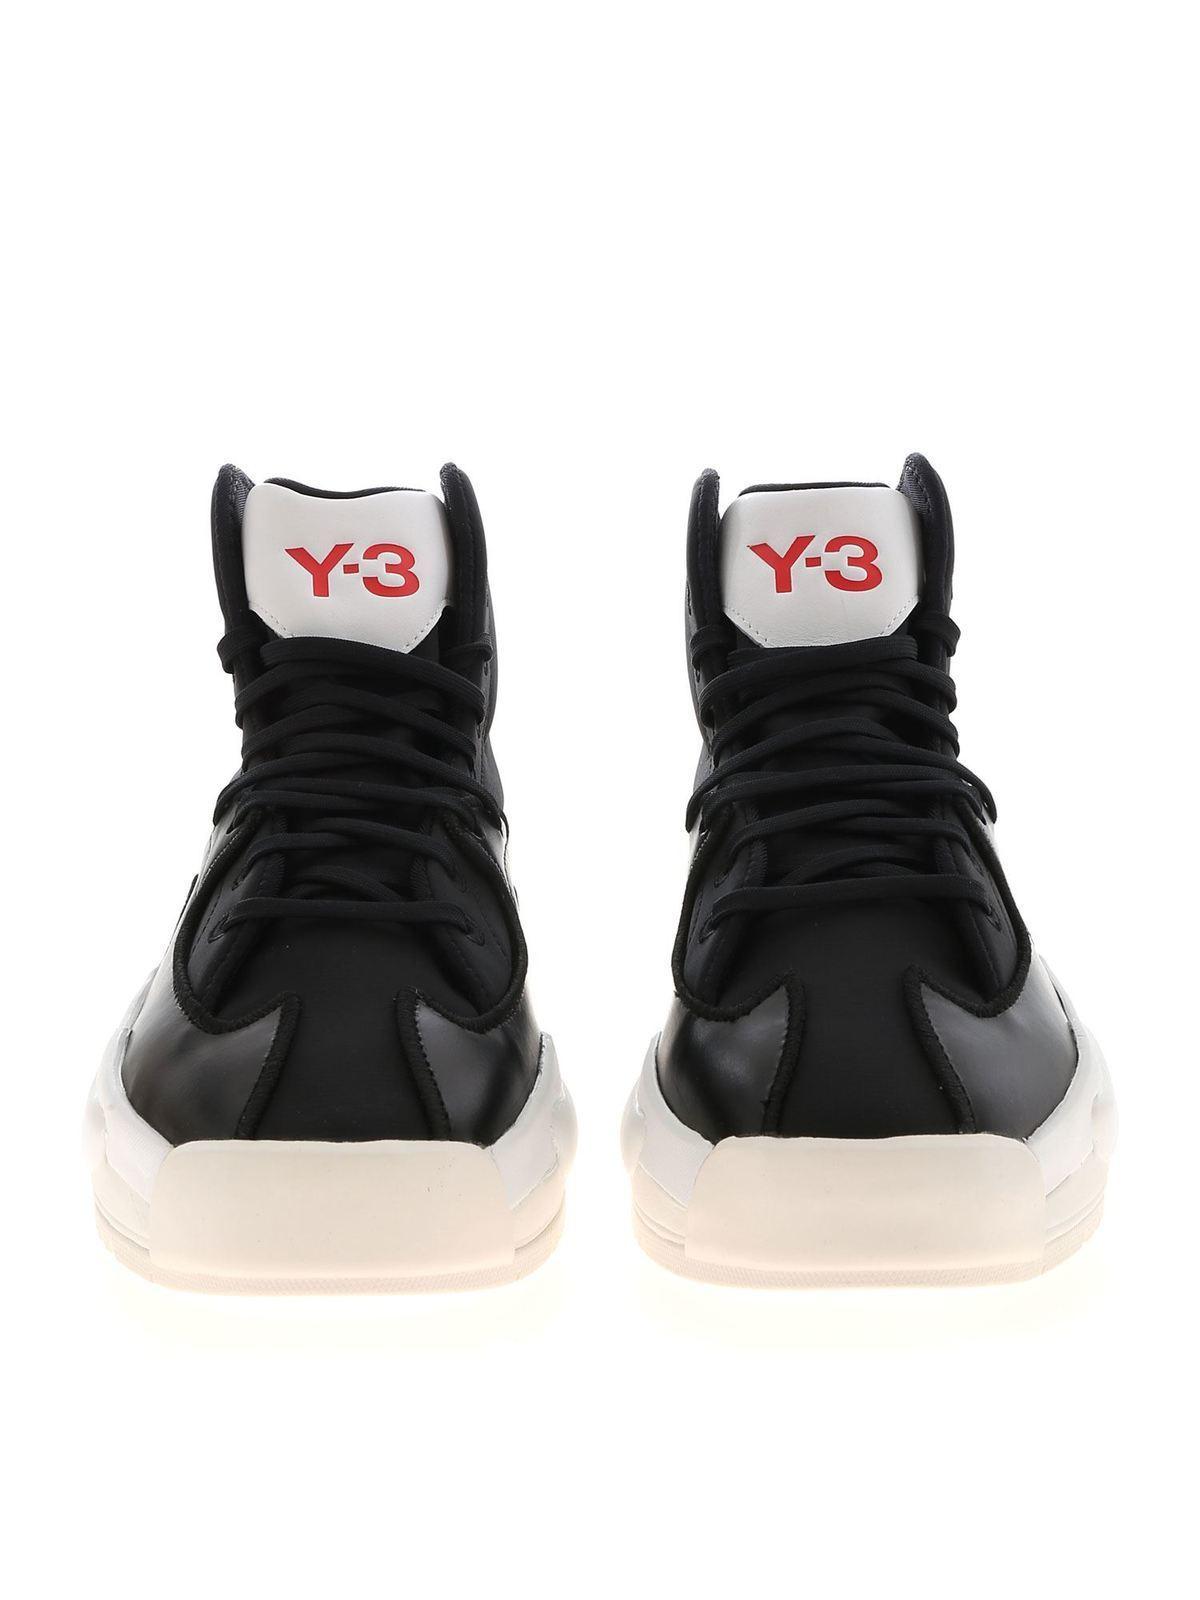 Y-3 - Hokori sneakers in black